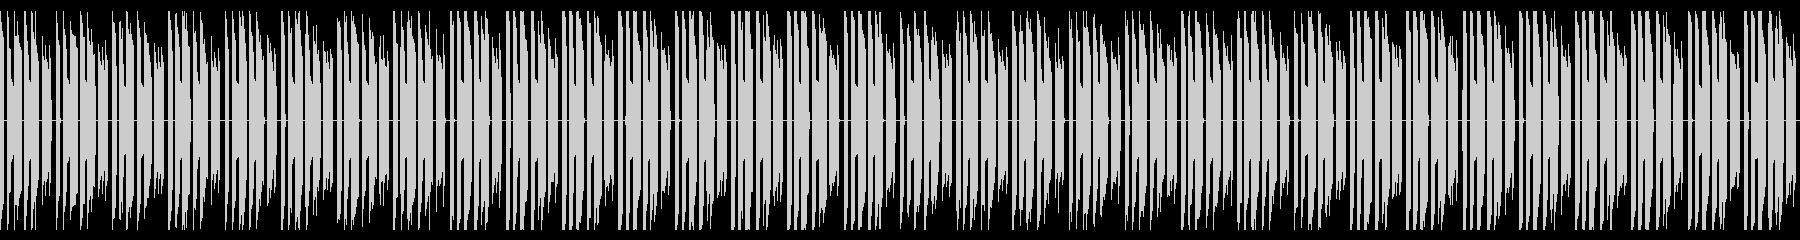 ファミコン風説明シーンのBGMの未再生の波形